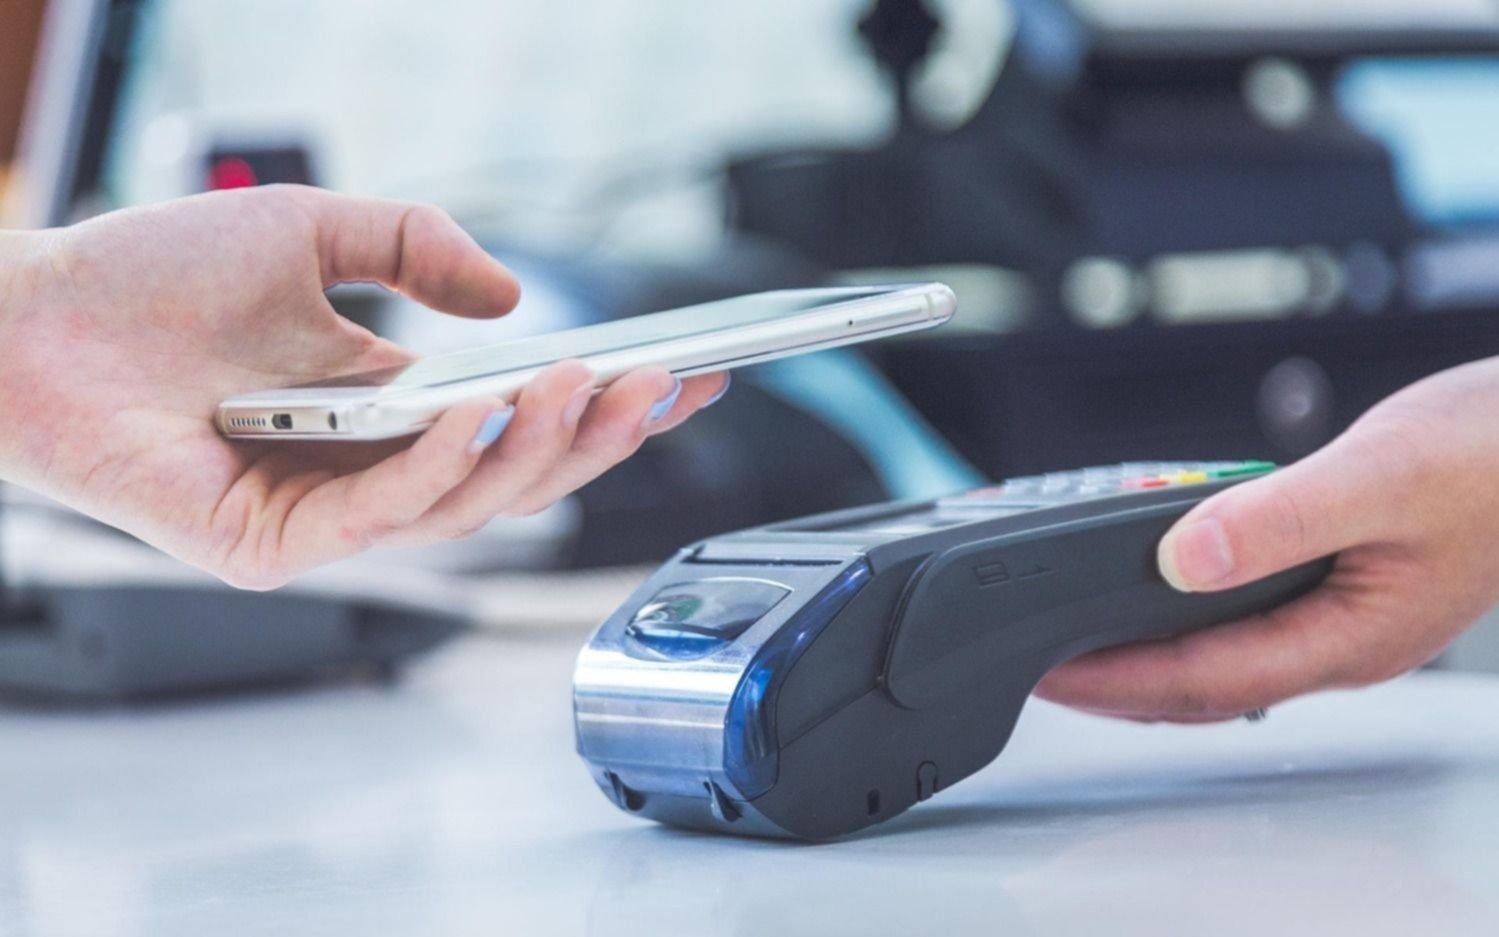 Billetera electrónica: régimen y modificación